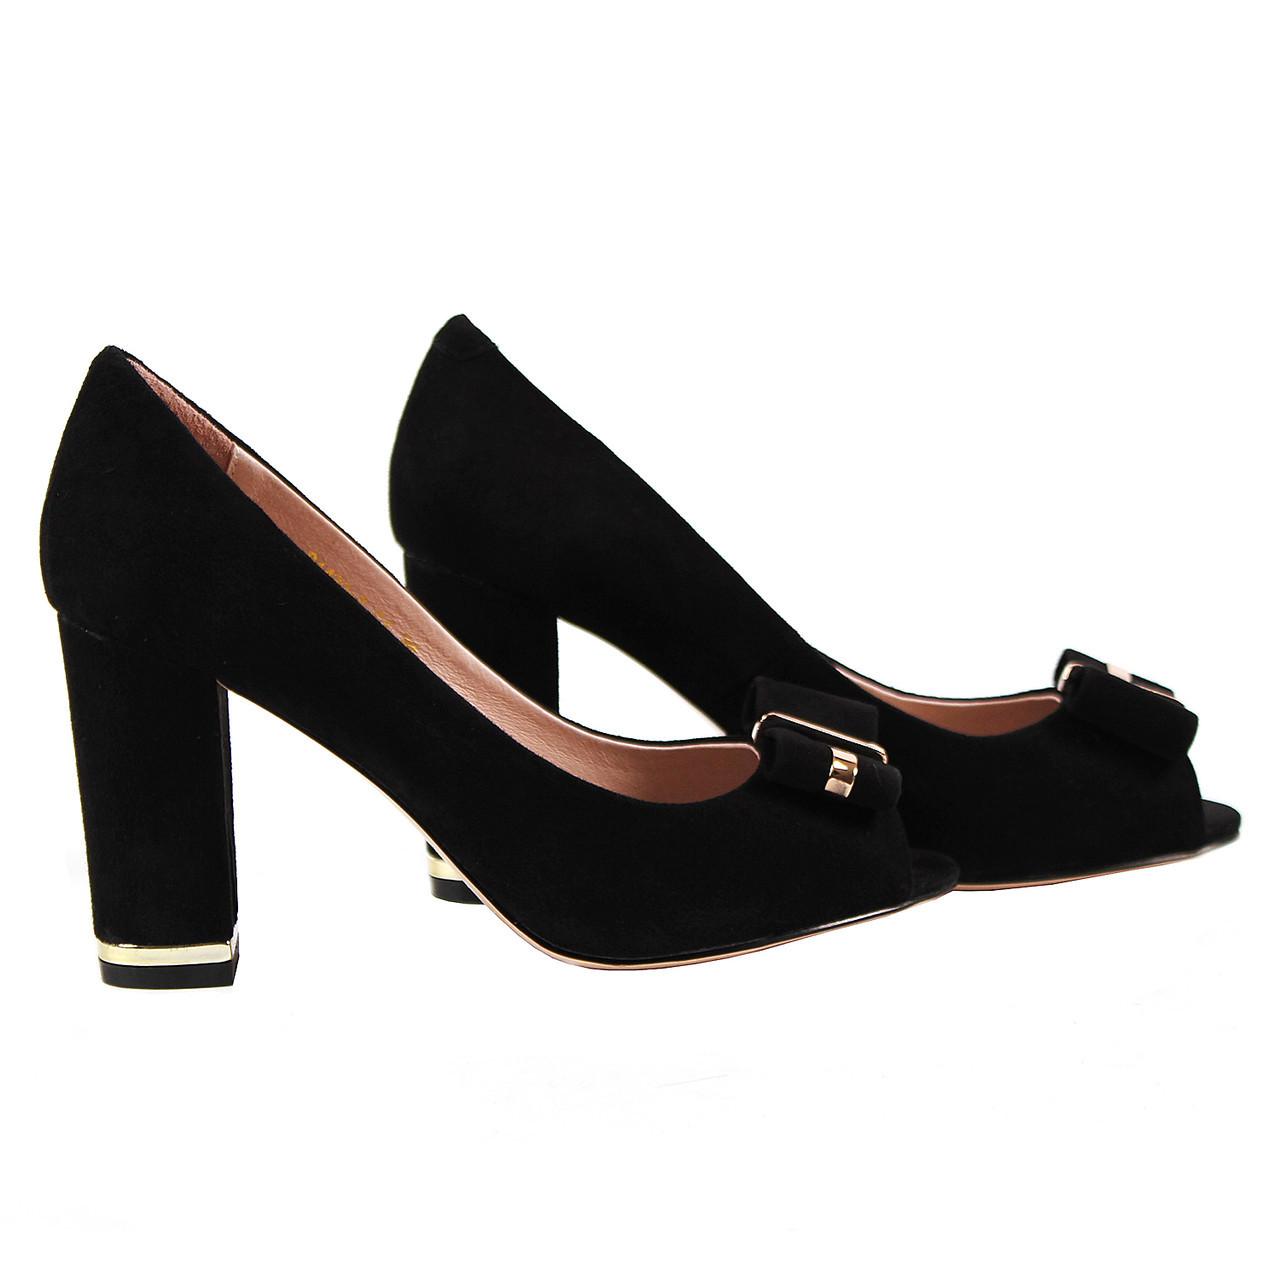 d59d5a9bf Элегантные женские туфли Blue Tempt (замшевые, летние, весенние, на удобном  каблуке,